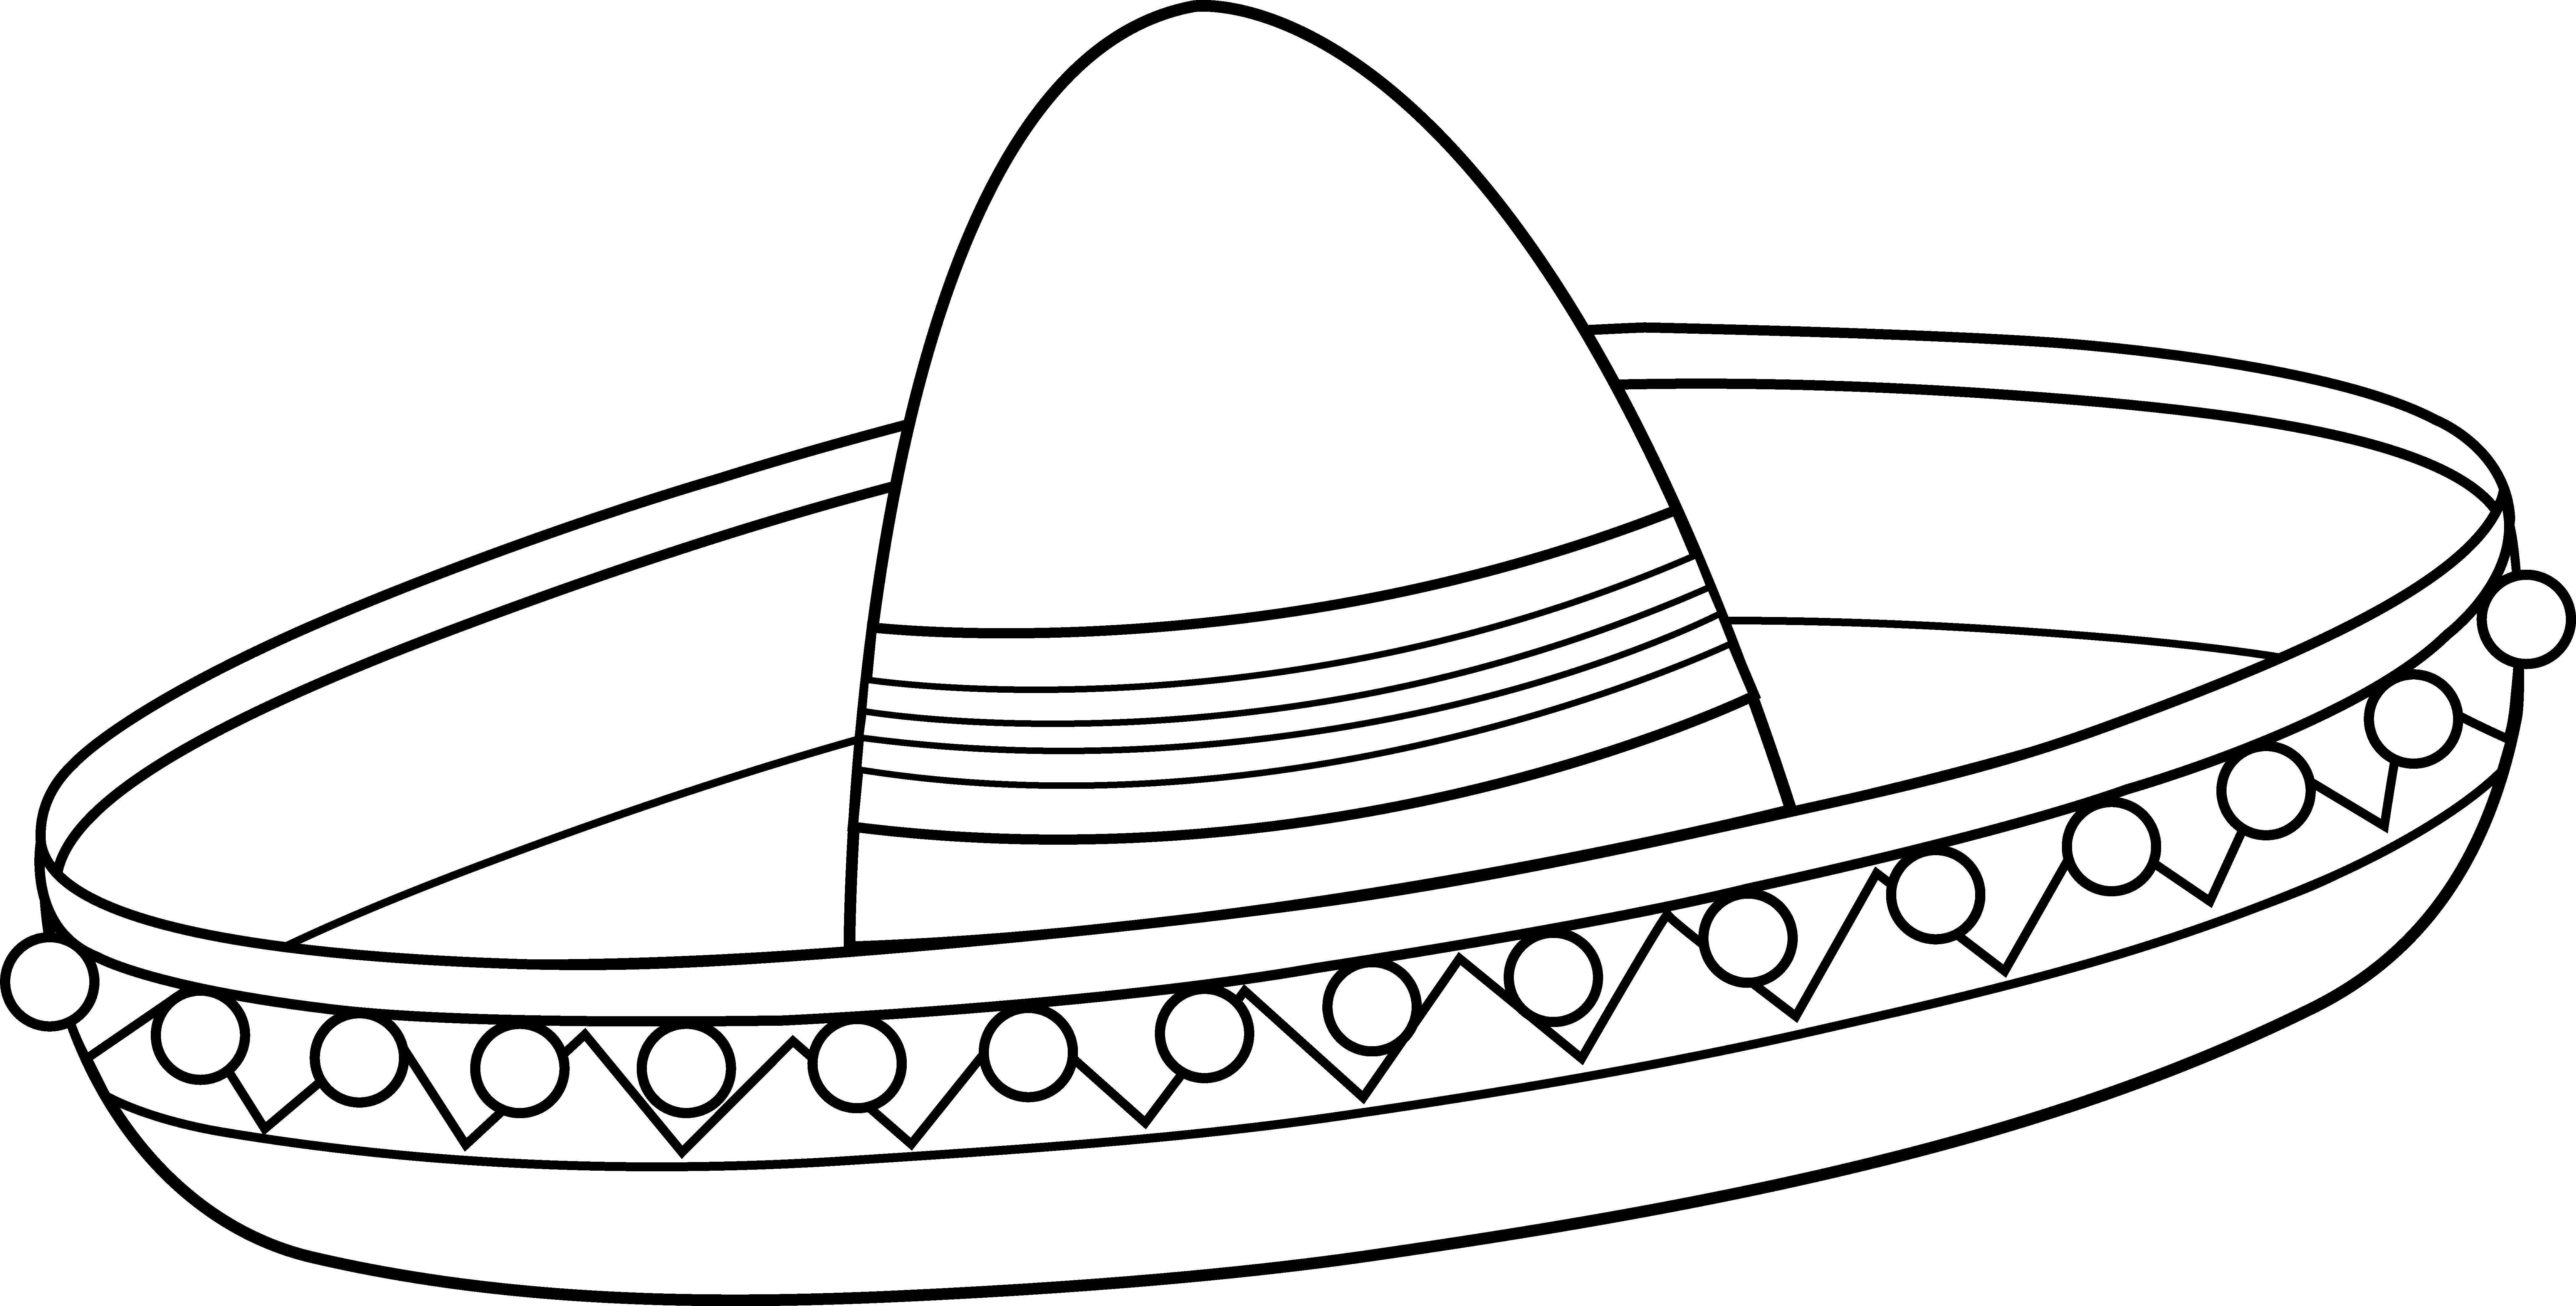 Mexican Sombrero Coloring Page